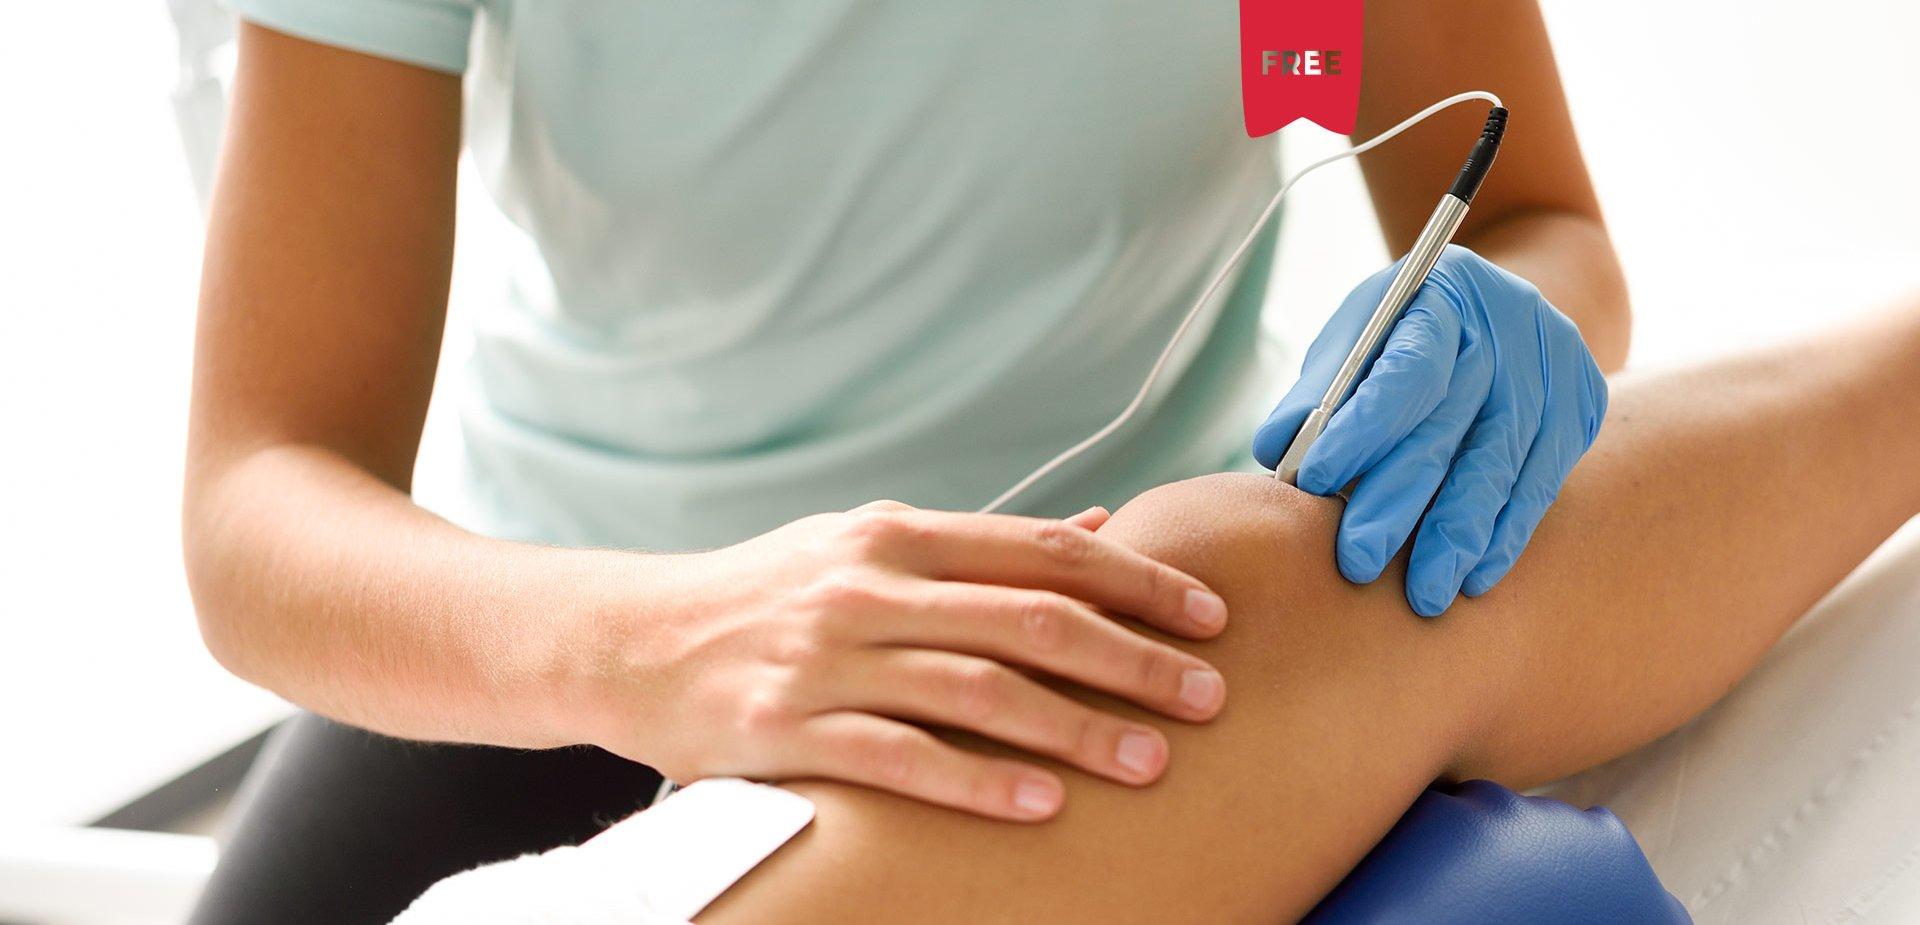 A Fisioterapia do Futuro: Poderá a tecnologia substituir o fisioterapeuta?  Por Bernardo Pinto (Bwizer Magazine)